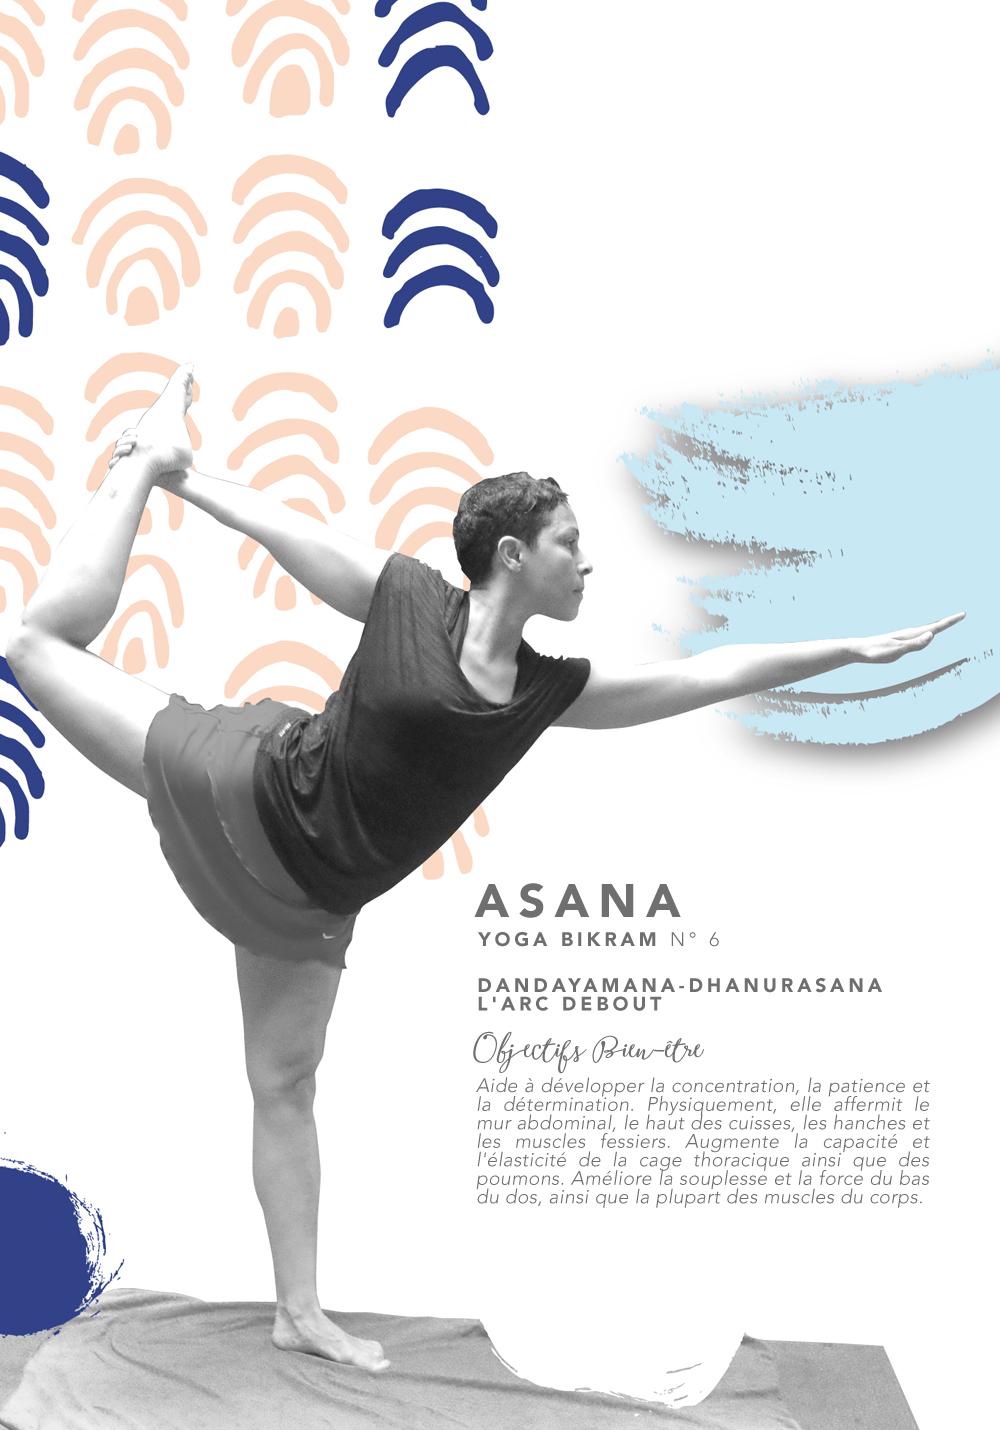 Air Chic Design:disque externe:EXOChic:1 -POSTS:1 - ARTICLES:2018:01- JANVIER:04 Yoga Bikram:visuel blog:yoga bikram exochic 2.jpg